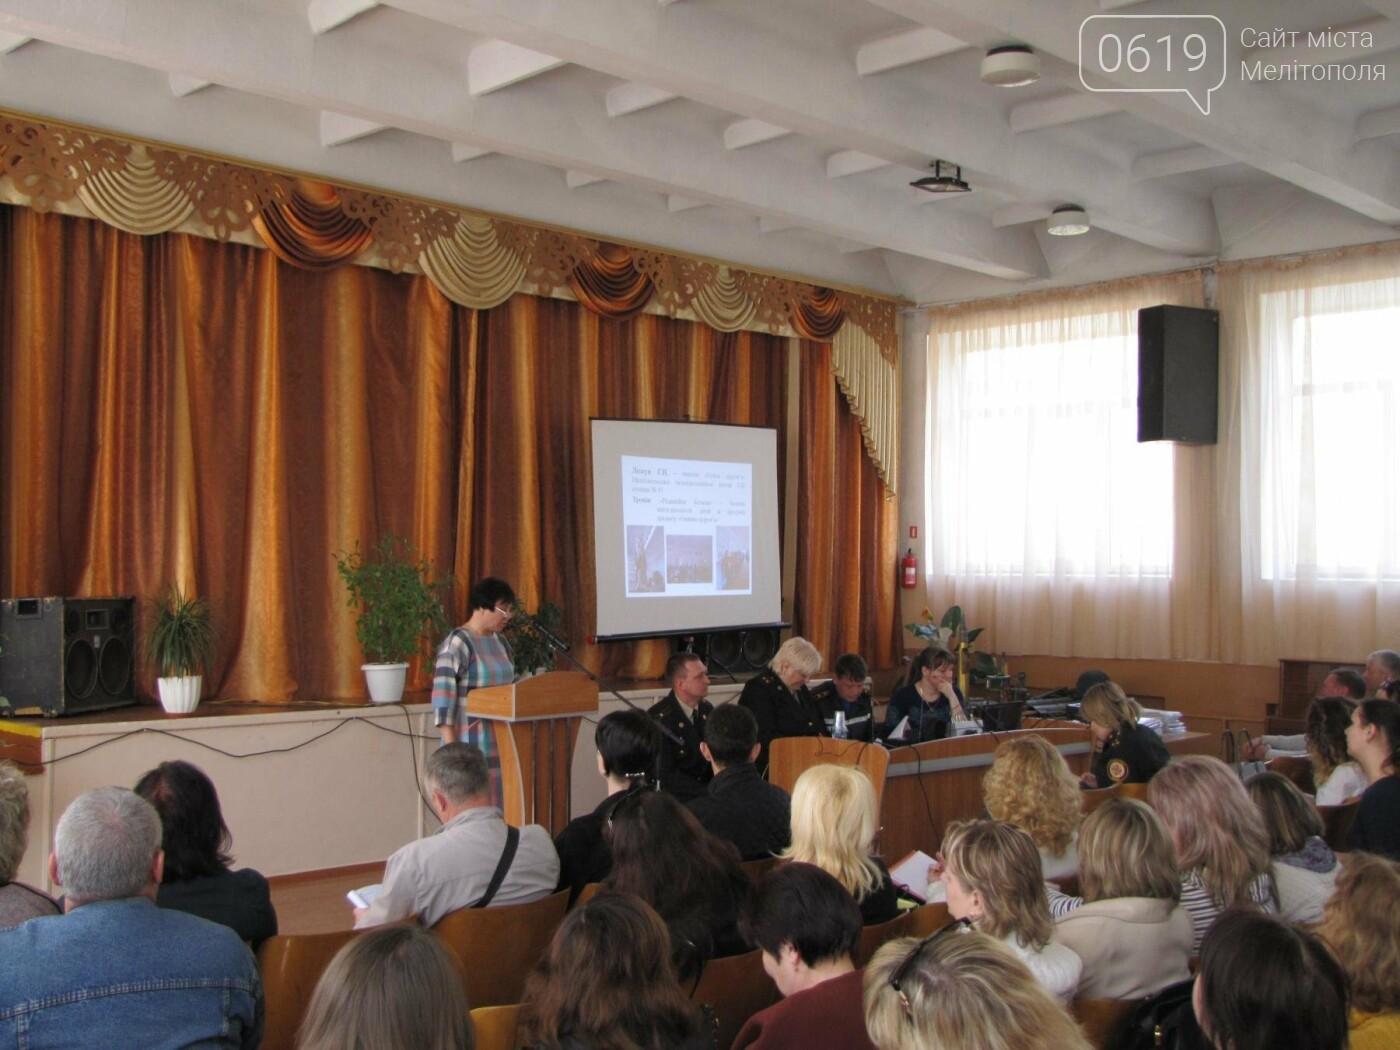 Мелитопольским учителям и воспитателям напомнили о правилах пожарной безопасности , фото-5, Фото сайта 0619